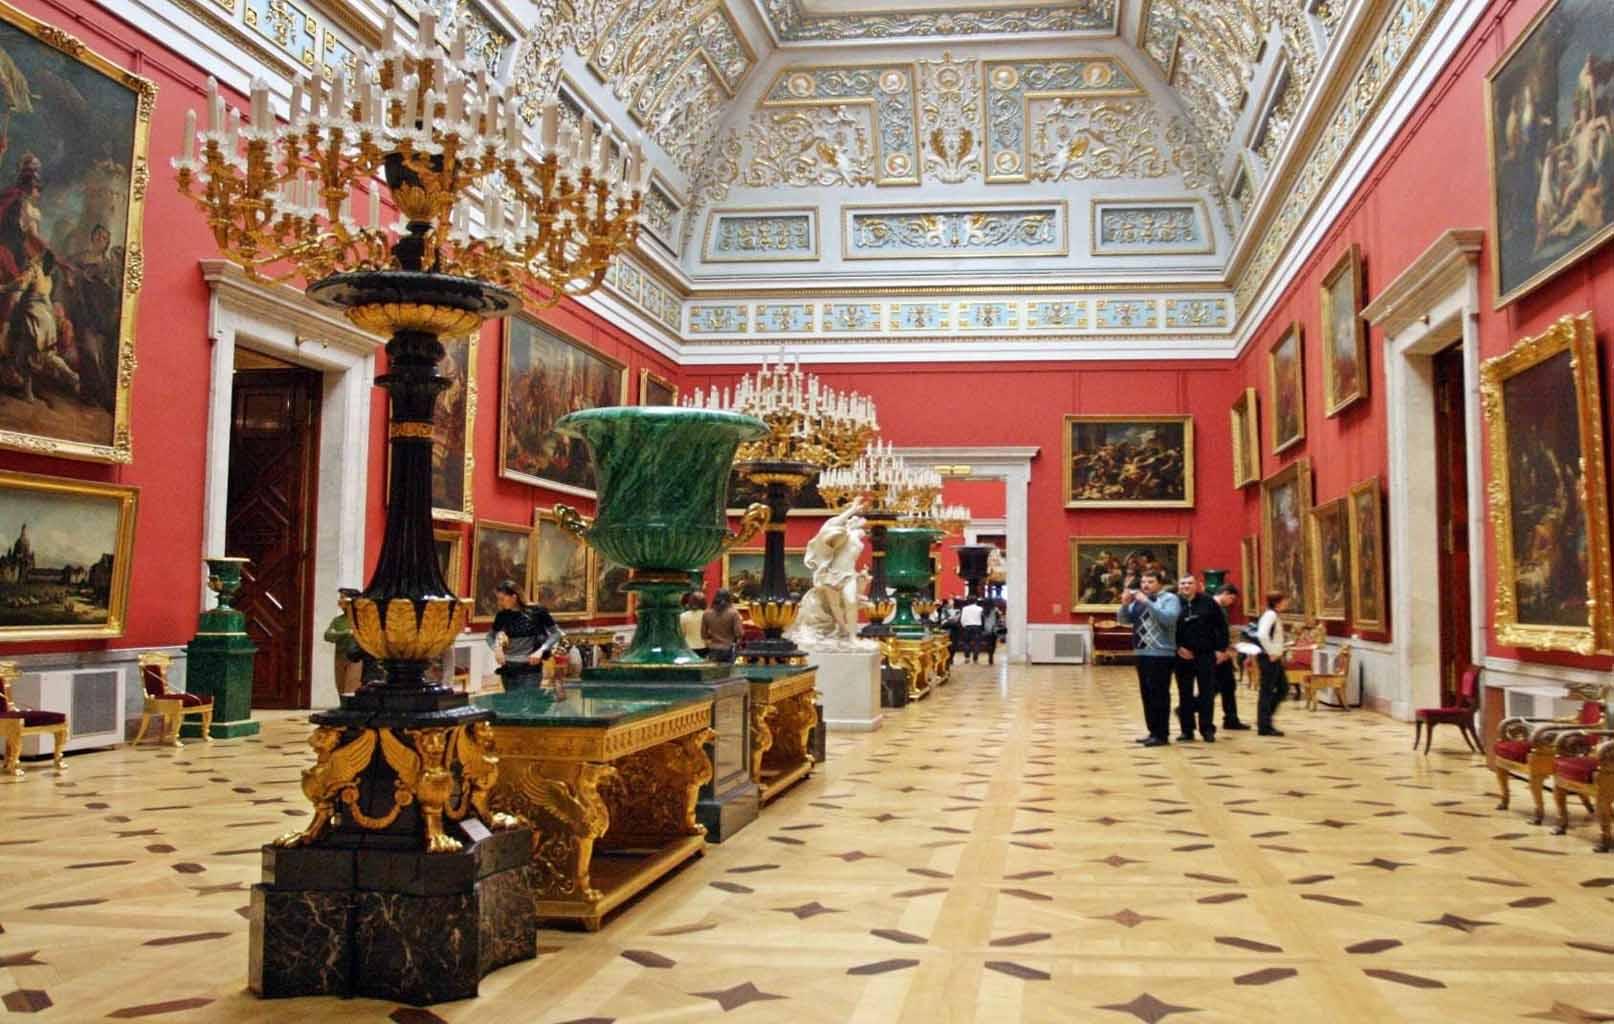 Viện bảo tàng tranh Hermitage